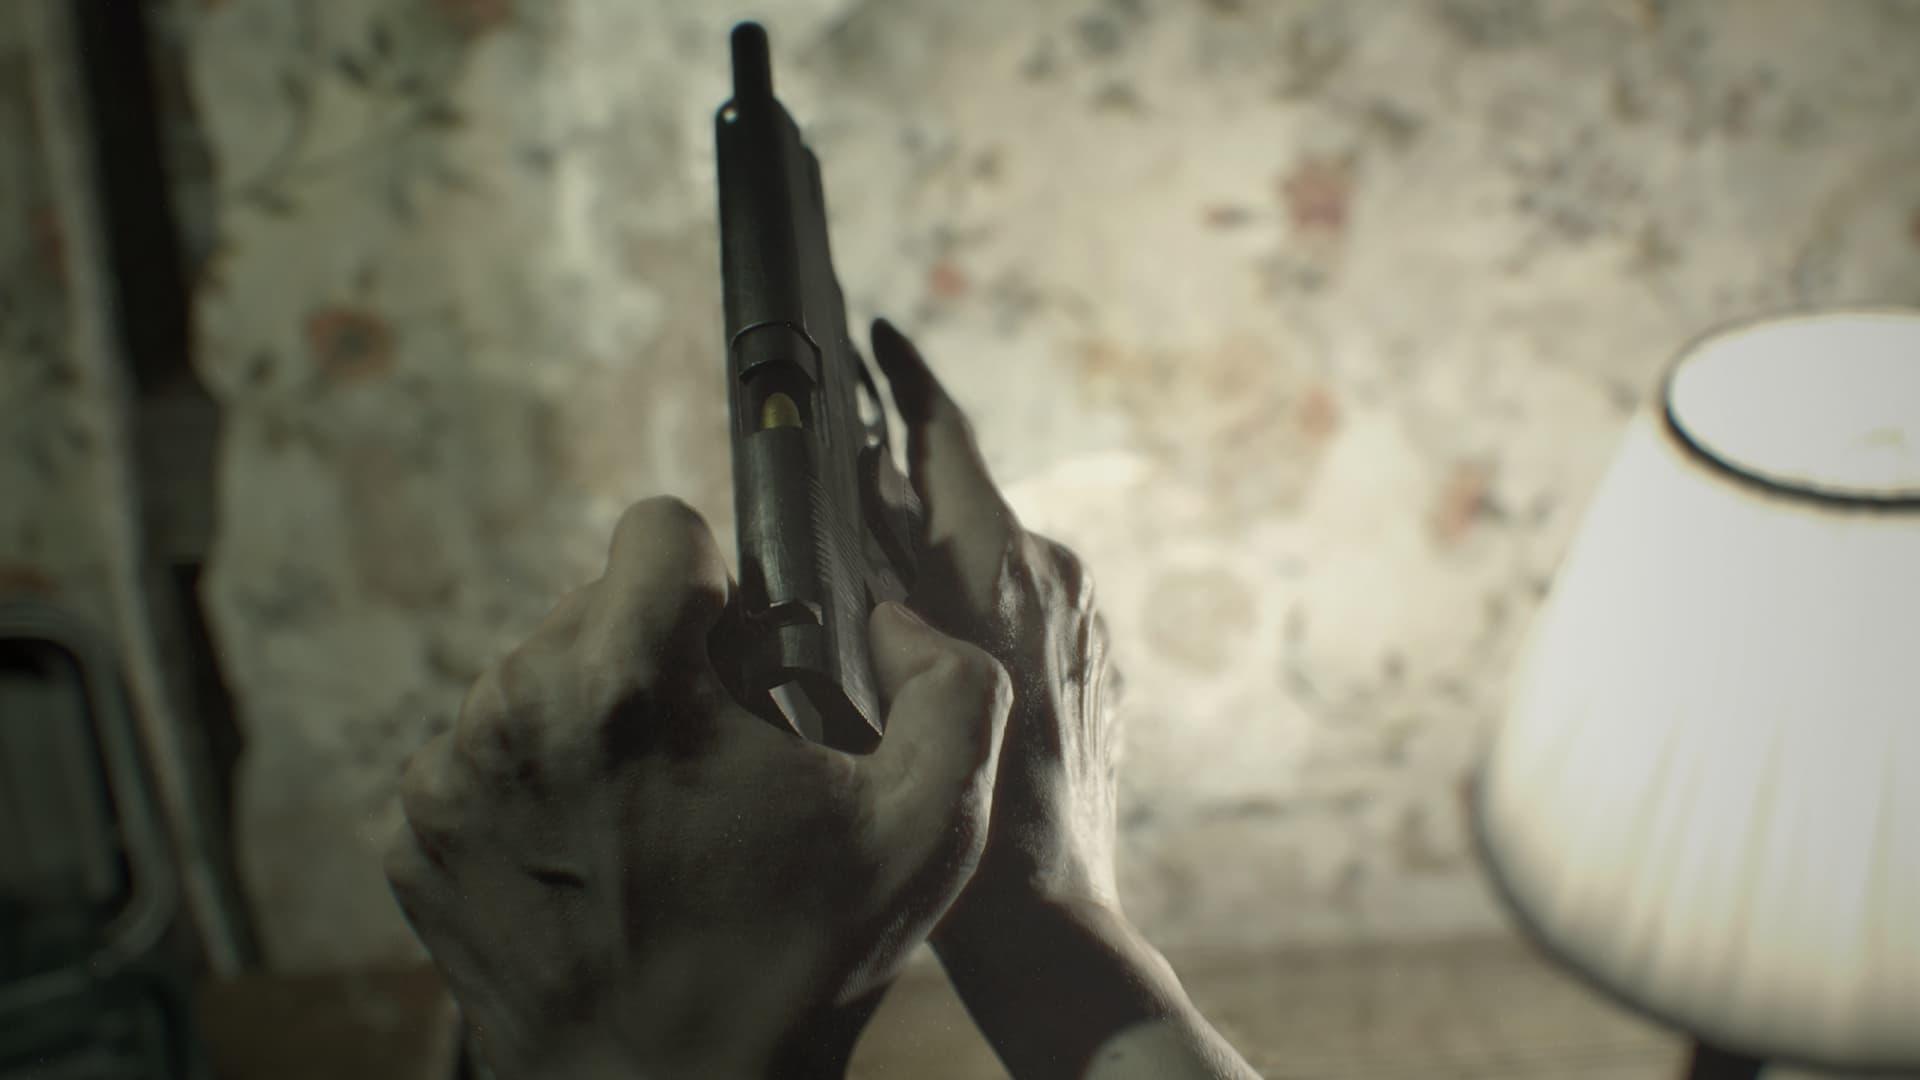 Ethan Winters carregando uma pistola